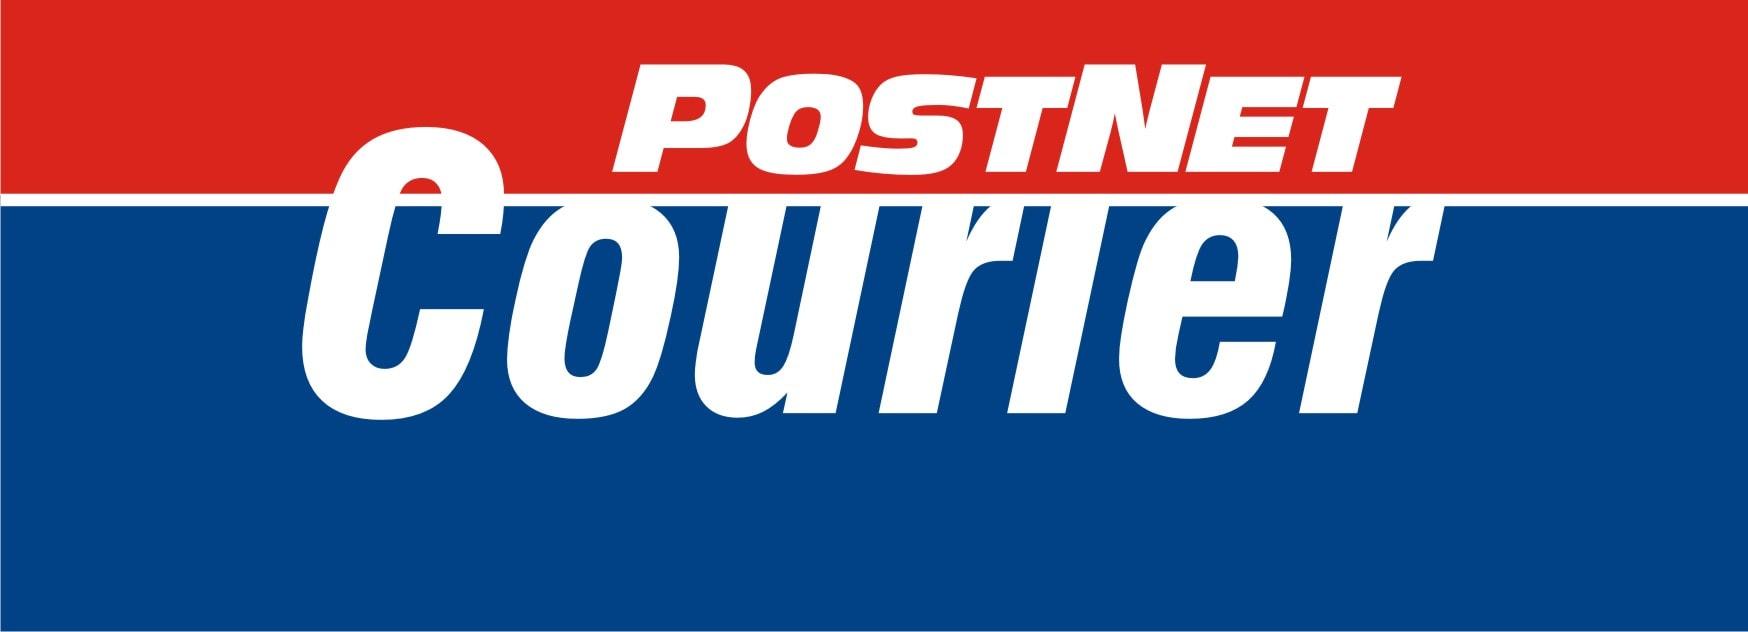 PostNet parcel tracking